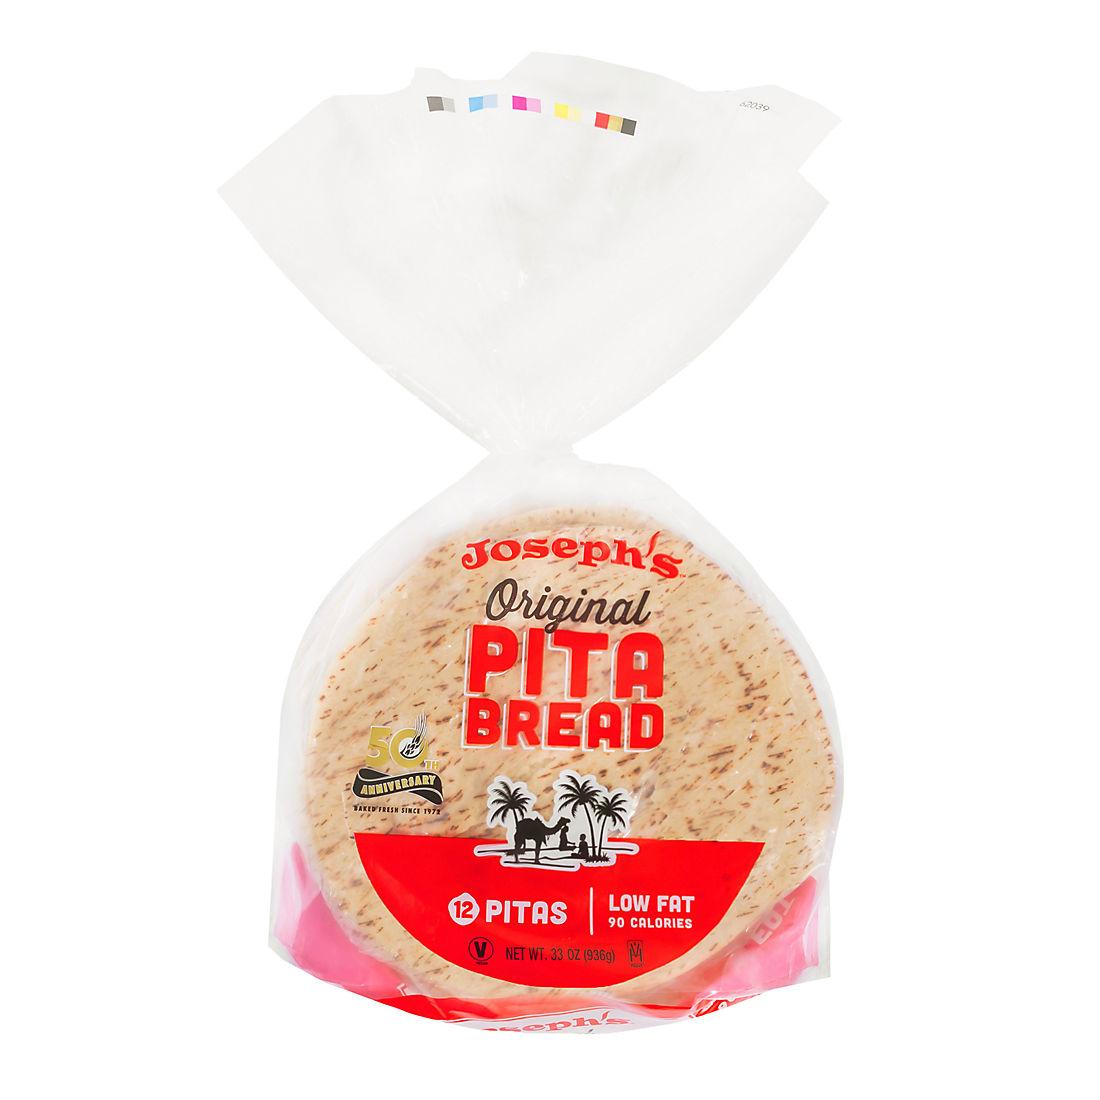 Pita Bread, 12 ct. - BJs WholeSale Club